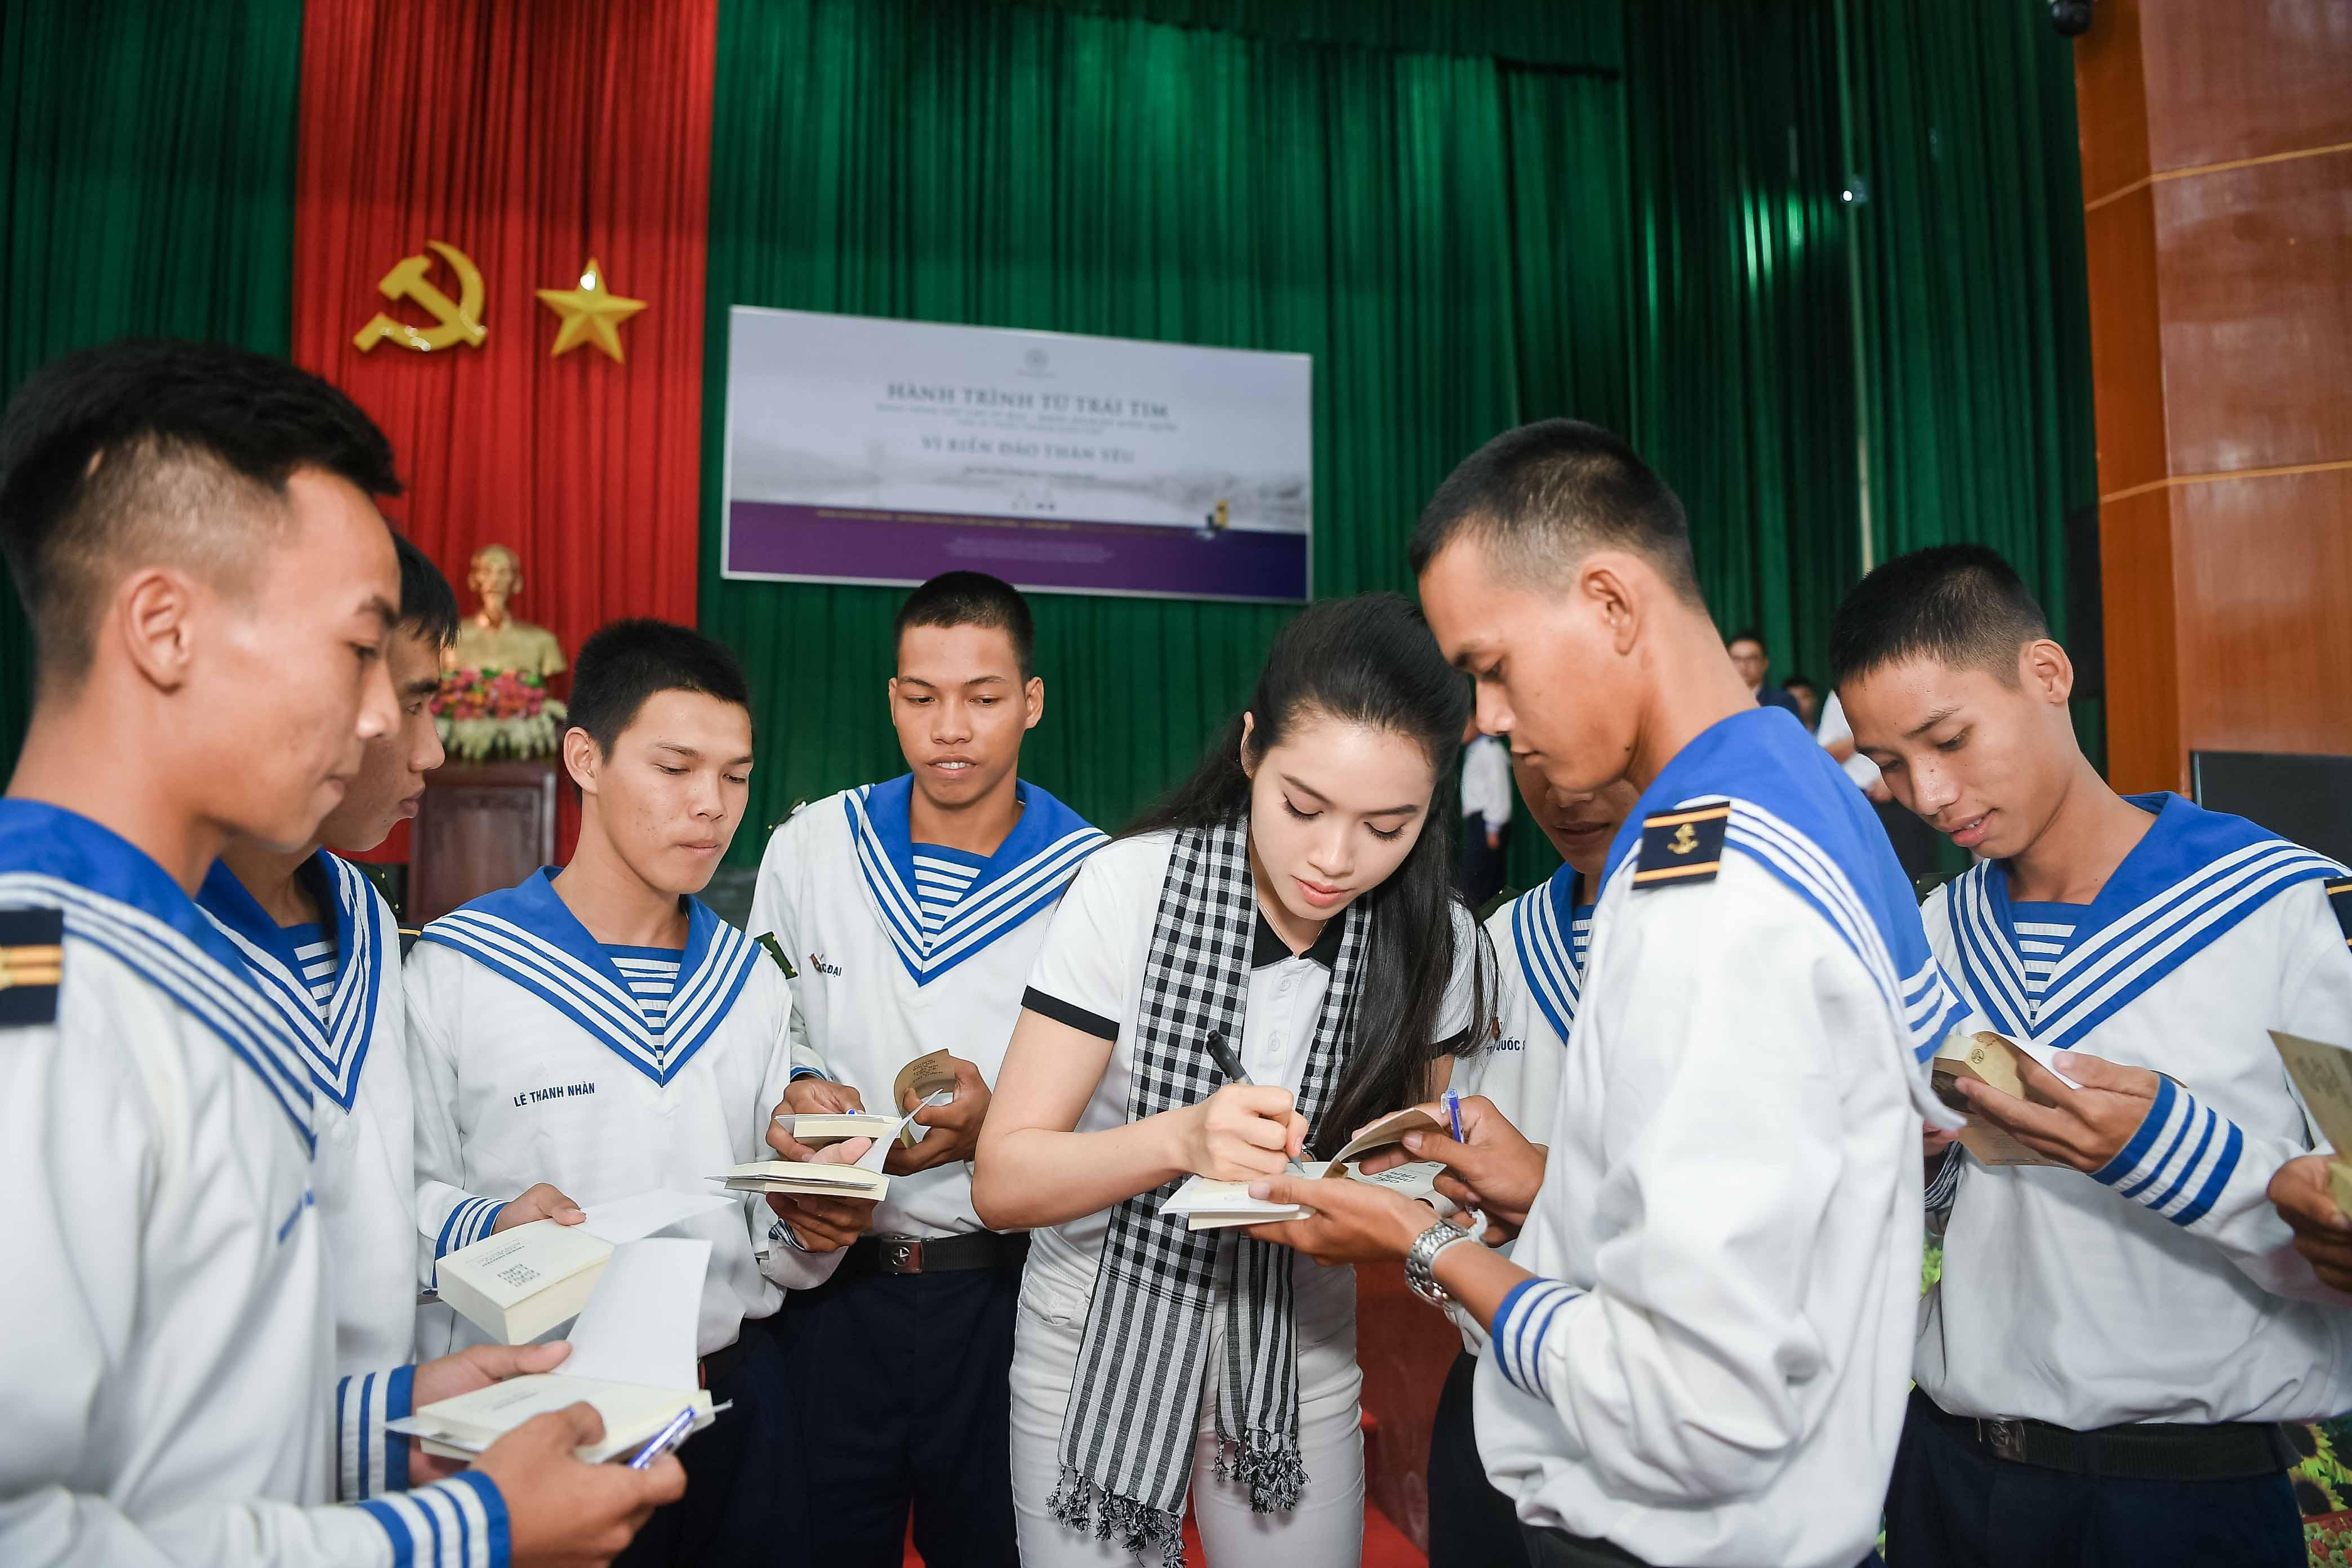 Hoàng Thùy Linh bất ngờ đi xế sang của vua cafe Đặng Lê Nguyên Vũ dự sự kiện 7